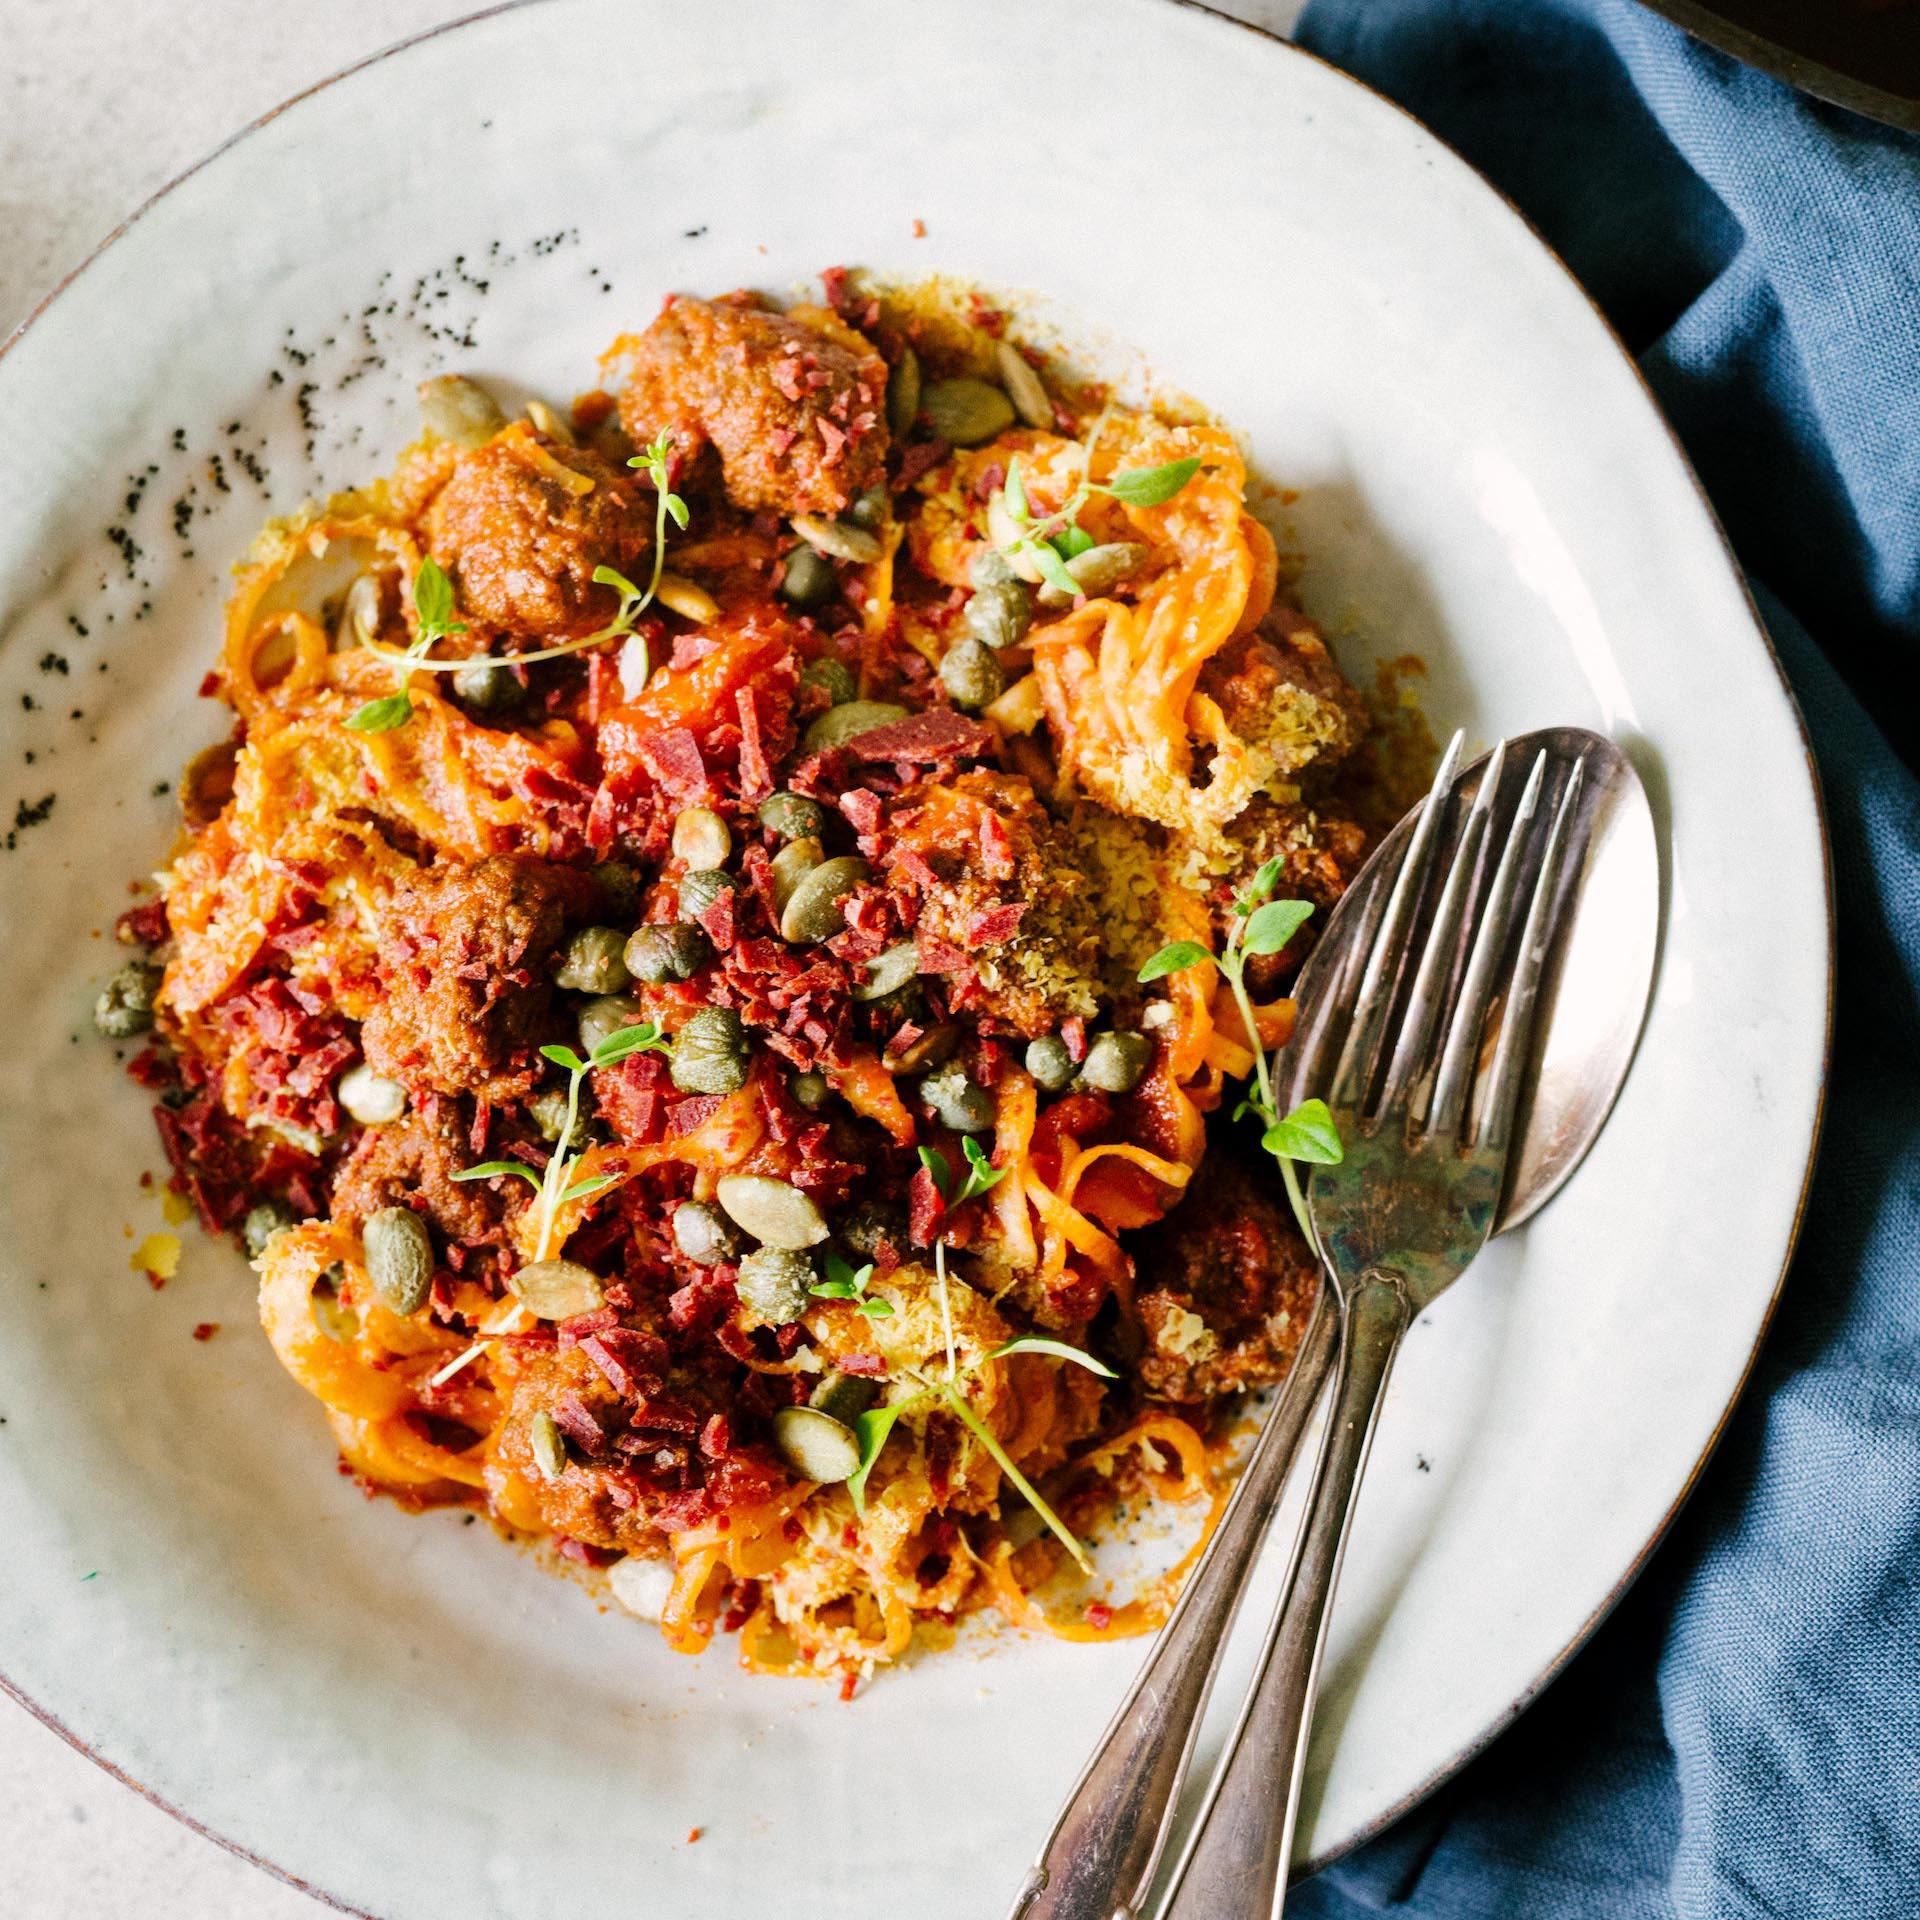 Kålrotspasta, köttbullar i tomatsås och en masa Wild Chips strössel på toppen.